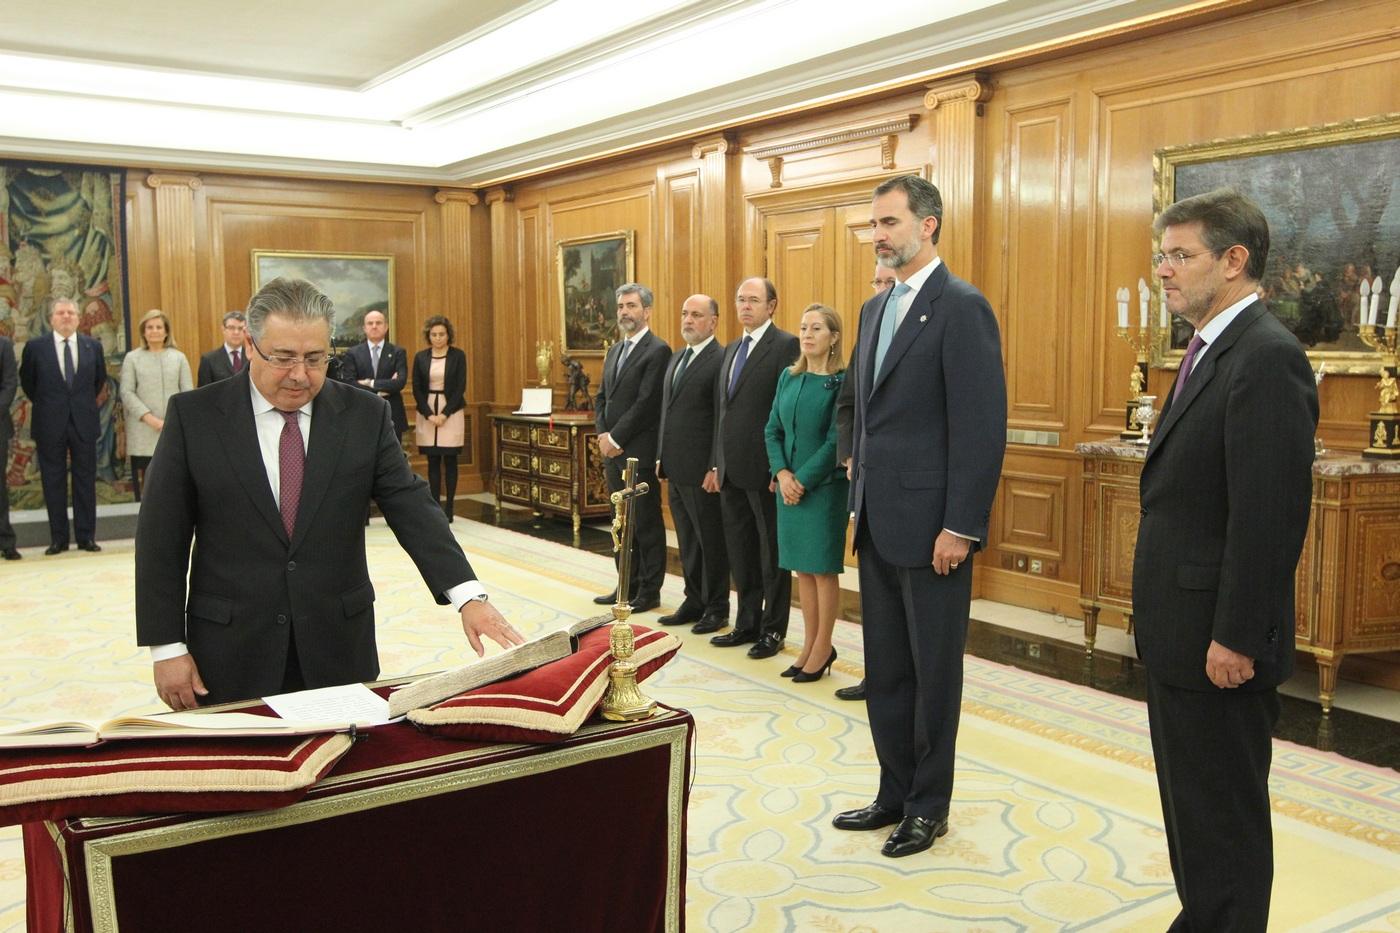 Gel n noticias los nuevos ministros del gobierno que for Nuevo ministro del interior 2016